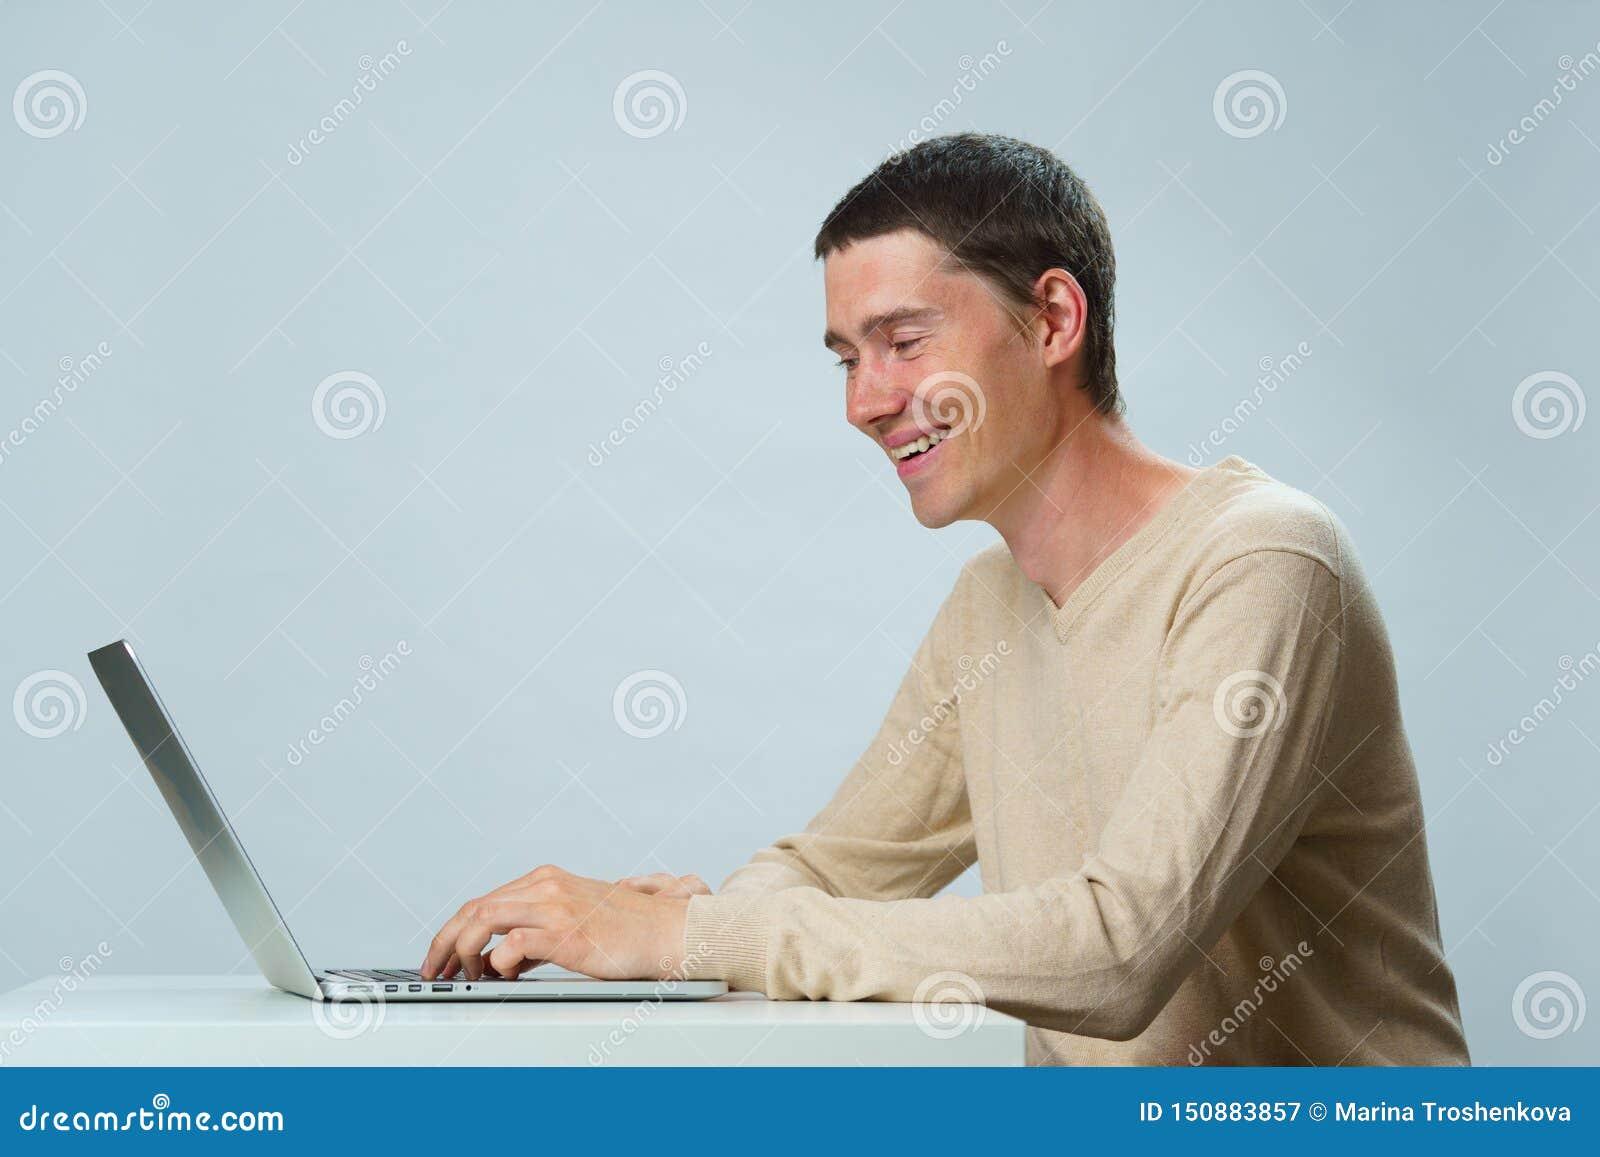 De mens gebruikt laptop voor mededeling in praatje of videopraatje Sociaal media concept